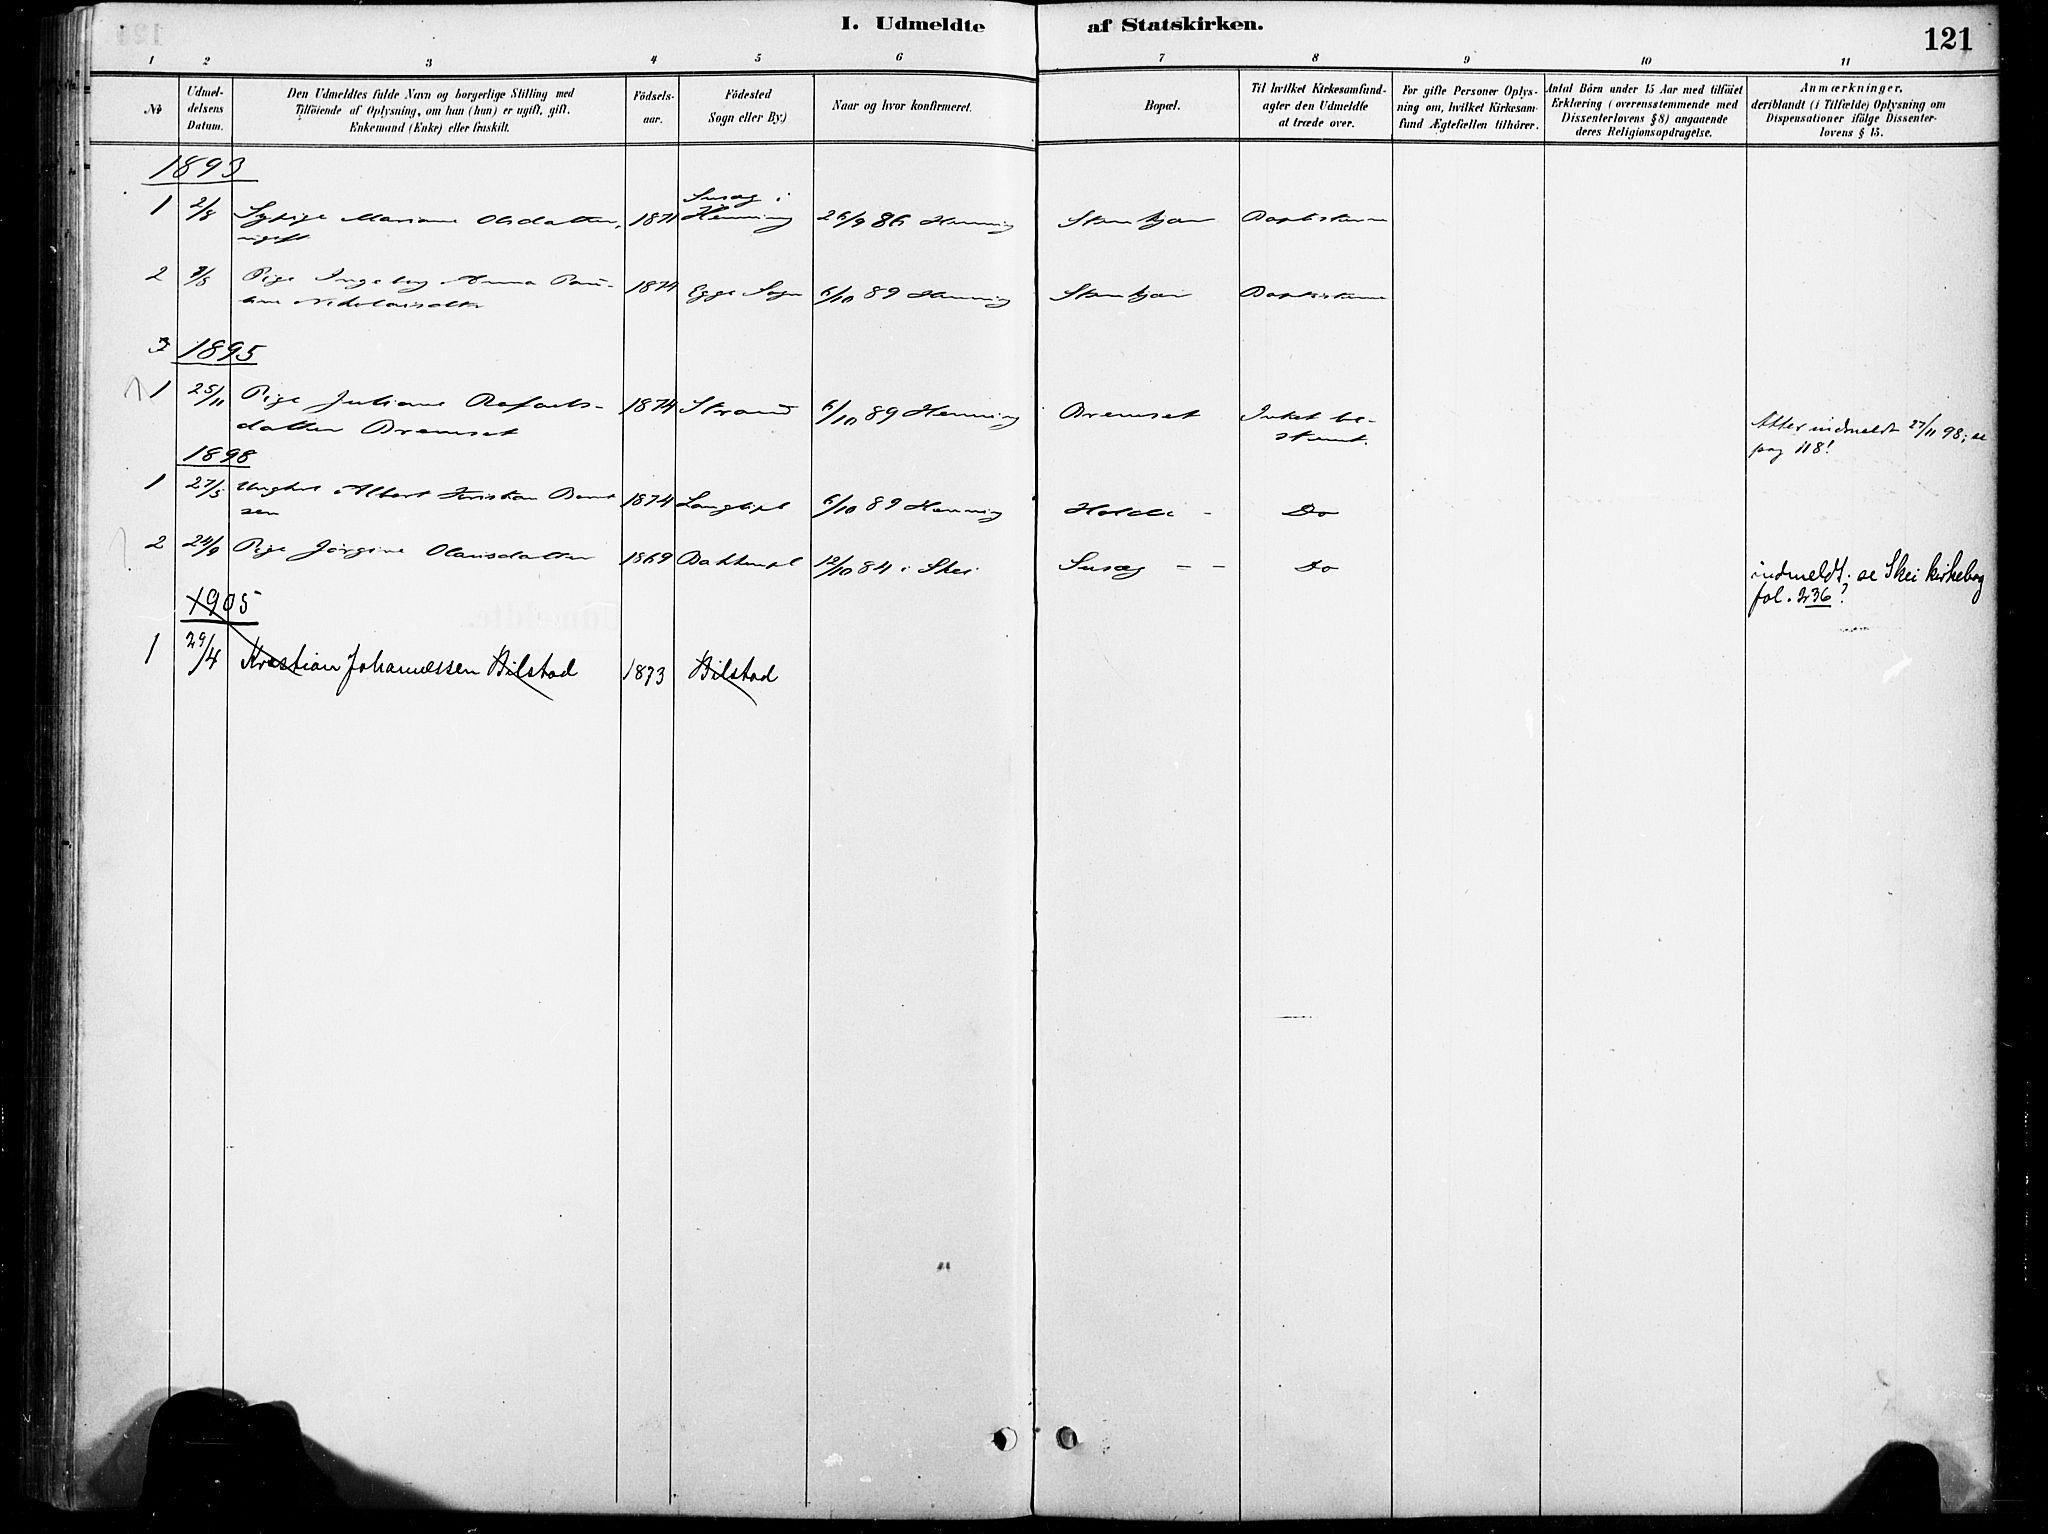 SAT, Ministerialprotokoller, klokkerbøker og fødselsregistre - Nord-Trøndelag, 738/L0364: Ministerialbok nr. 738A01, 1884-1902, s. 121